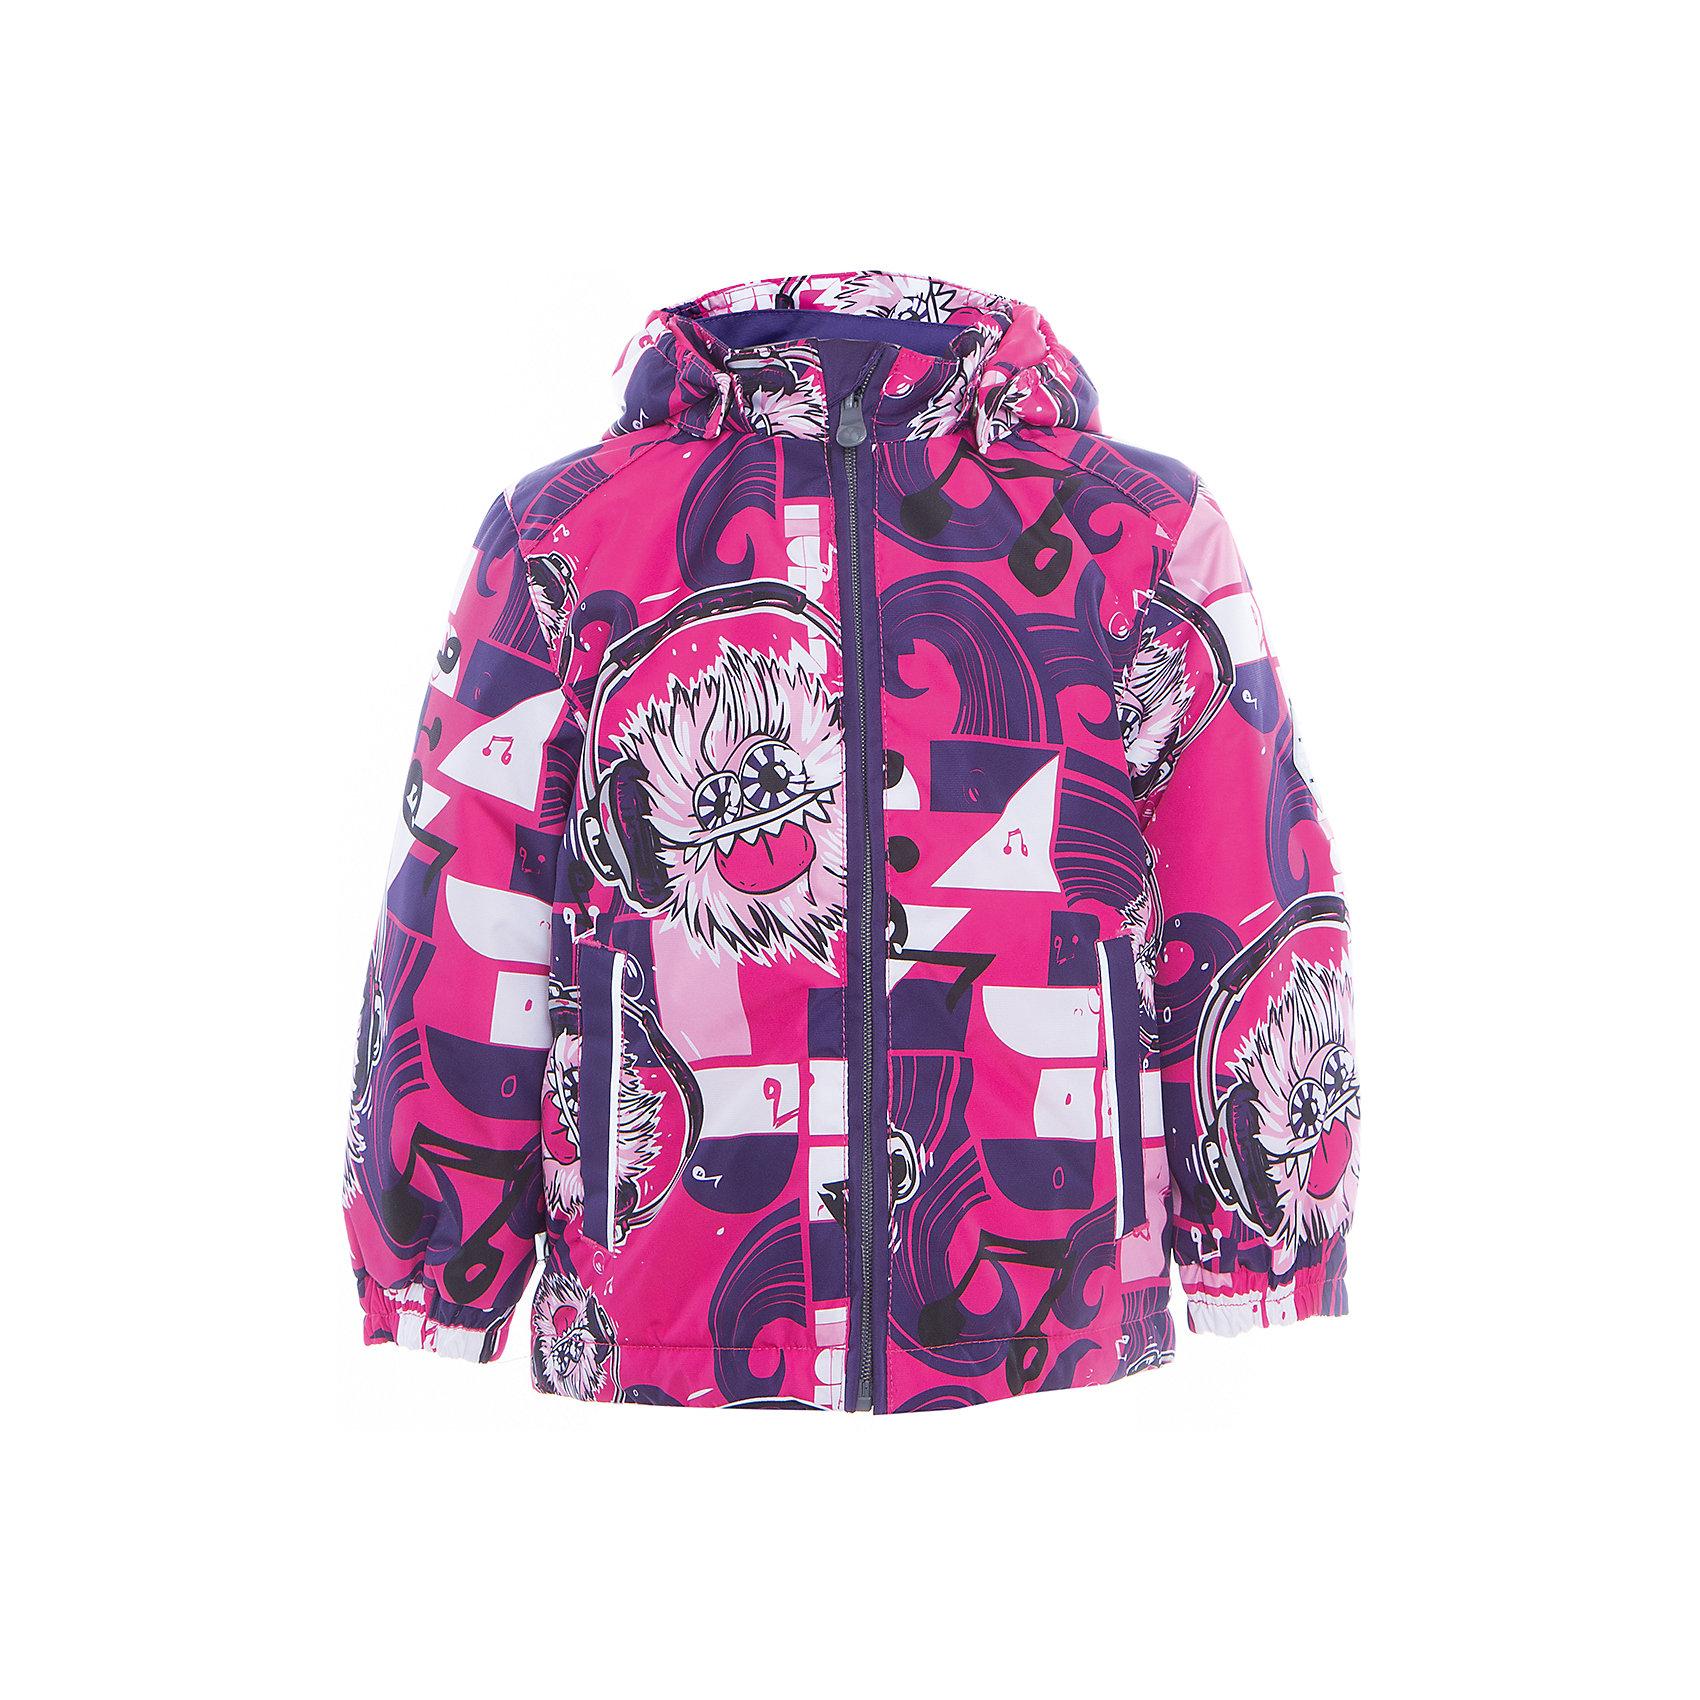 Куртка JODY для девочки HuppaДемисезонные куртки<br>Характеристики товара:<br><br>• цвет: розовый/фиолетовый<br>• ткань: 100% полиэстер<br>• подкладка: тафта - 100% полиэстер<br>• утеплитель: 100% полиэстер 100 г<br>• температурный режим: от -5°С до +15°С<br>• водонепроницаемость: 10000 мм<br>• воздухопроницаемость: 10000 мм<br>• светоотражающие детали<br>• эластичные манжеты<br>• молния<br>• съёмный капюшон<br>• комфортная посадка<br>• коллекция: весна-лето 2017<br>• страна бренда: Эстония<br><br>Эта стильная куртка обеспечит детям тепло и комфорт. Она сделана из материала, отталкивающего воду, и дополнено подкладкой с утеплителем, поэтому изделие идеально подходит для межсезонья. Материал изделия - с мембранной технологией: защищая от влаги и ветра, он легко выводит лишнюю влагу наружу. Для удобства сделан капюшон. Куртка очень симпатично смотрится, яркая расцветка и крой добавляют ему оригинальности. Модель была разработана специально для детей.<br><br>Одежда и обувь от популярного эстонского бренда Huppa - отличный вариант одеть ребенка можно и комфортно. Вещи, выпускаемые компанией, качественные, продуманные и очень удобные. Для производства изделий используются только безопасные для детей материалы. Продукция от Huppa порадует и детей, и их родителей!<br><br>Куртку JODY от бренда Huppa (Хуппа) можно купить в нашем интернет-магазине.<br><br>Ширина мм: 356<br>Глубина мм: 10<br>Высота мм: 245<br>Вес г: 519<br>Цвет: фиолетовый<br>Возраст от месяцев: 132<br>Возраст до месяцев: 144<br>Пол: Женский<br>Возраст: Детский<br>Размер: 152,92,98,104,110,116,122,128,134,140,146<br>SKU: 5346985